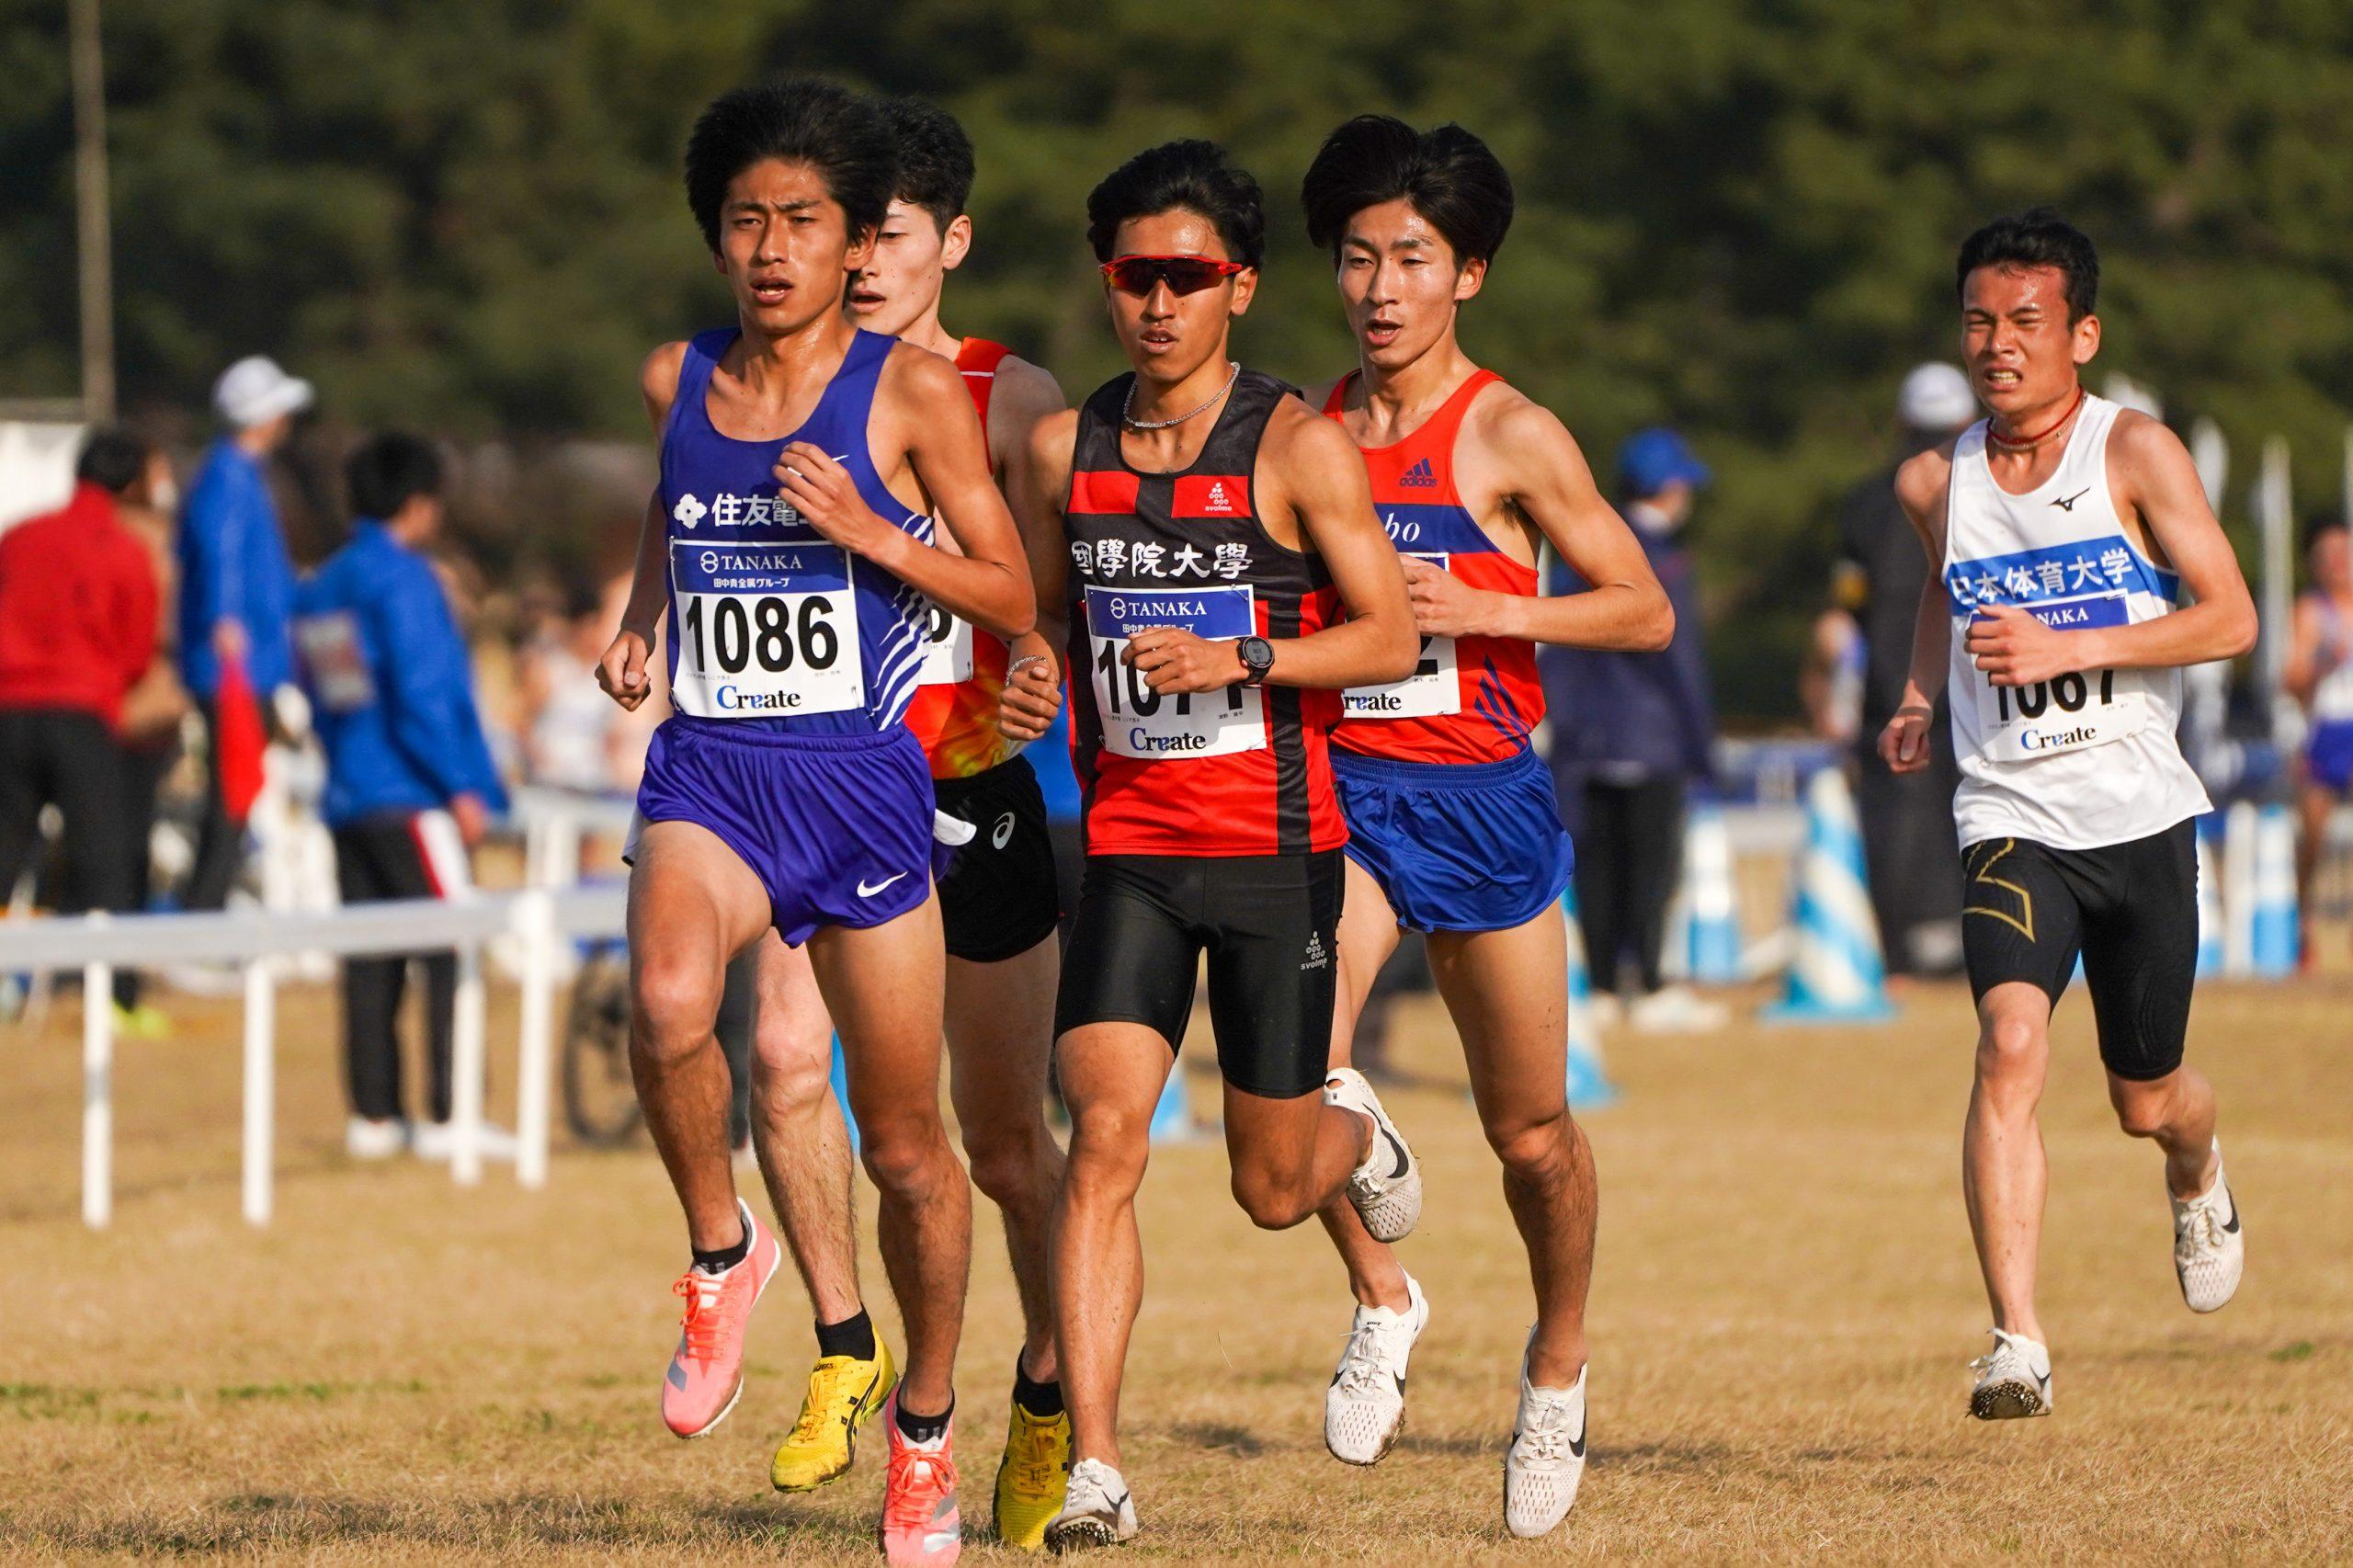 浦野雄平、卒業目前で手にした「成長」を示す勝利